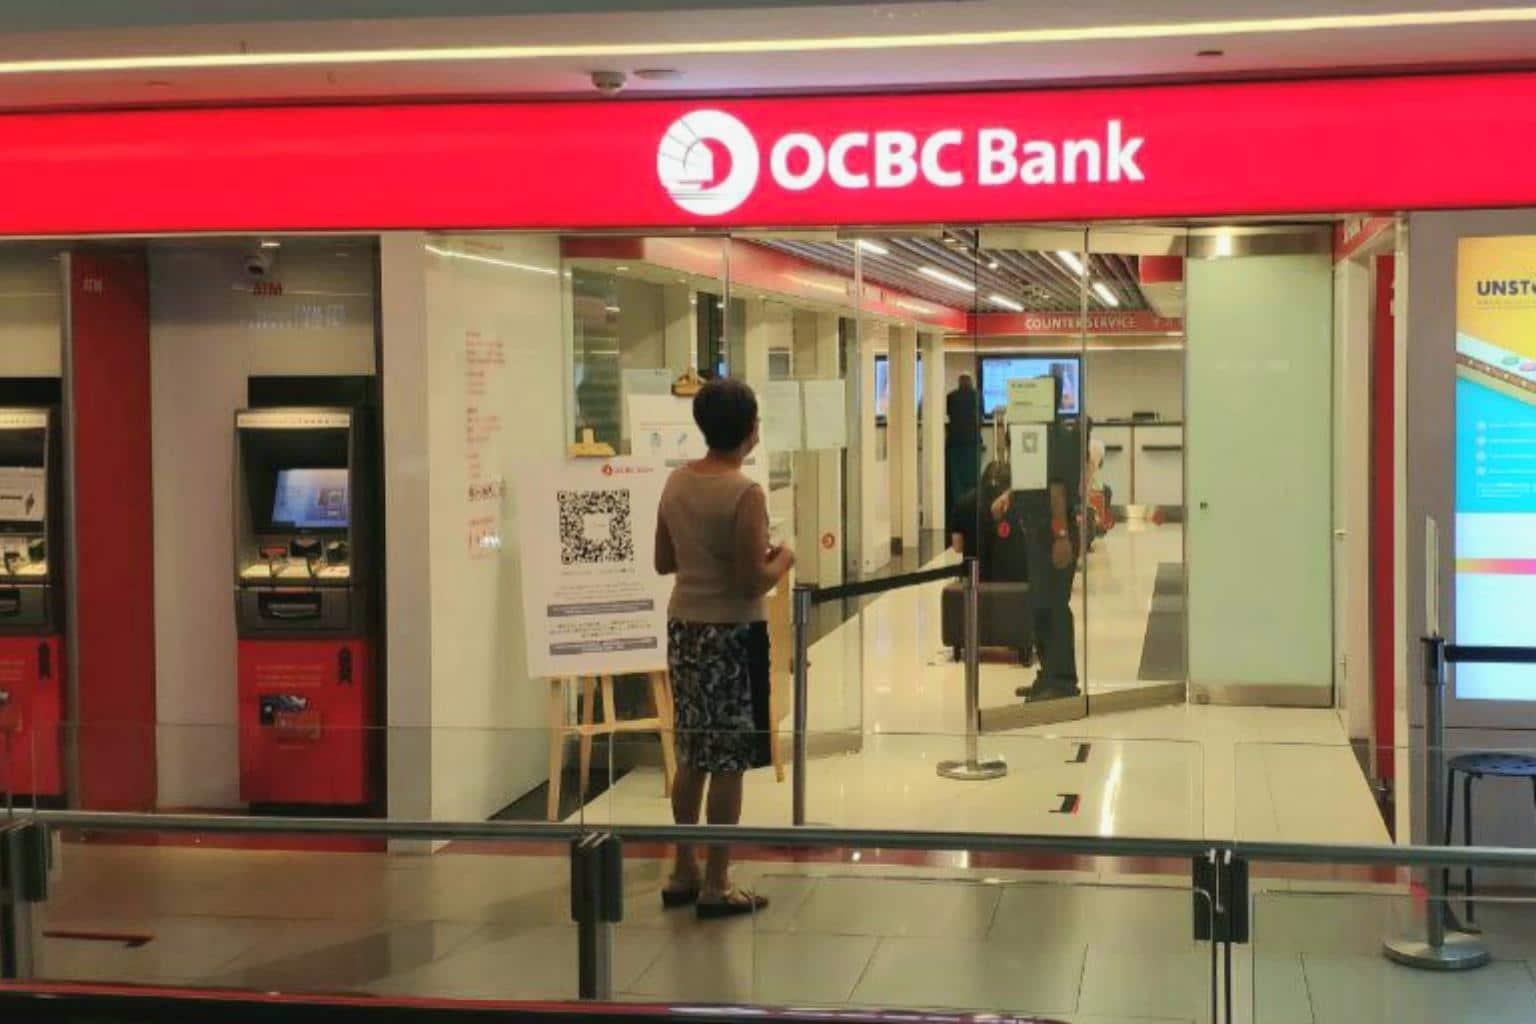 ocbc branches